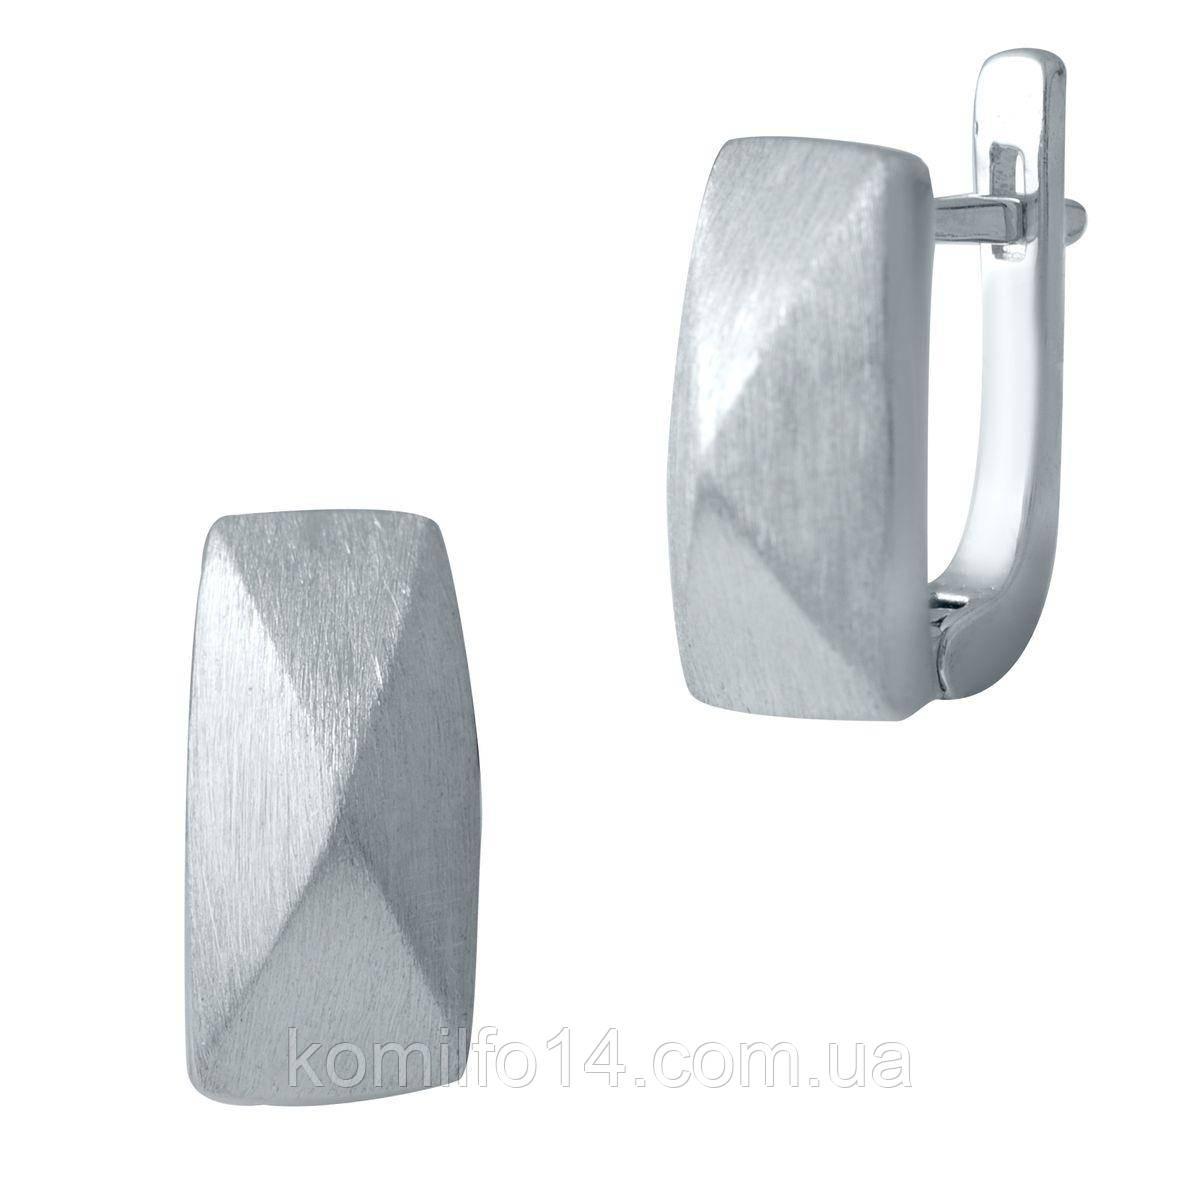 Серебряные серьги Komilfo без камней (2029670)